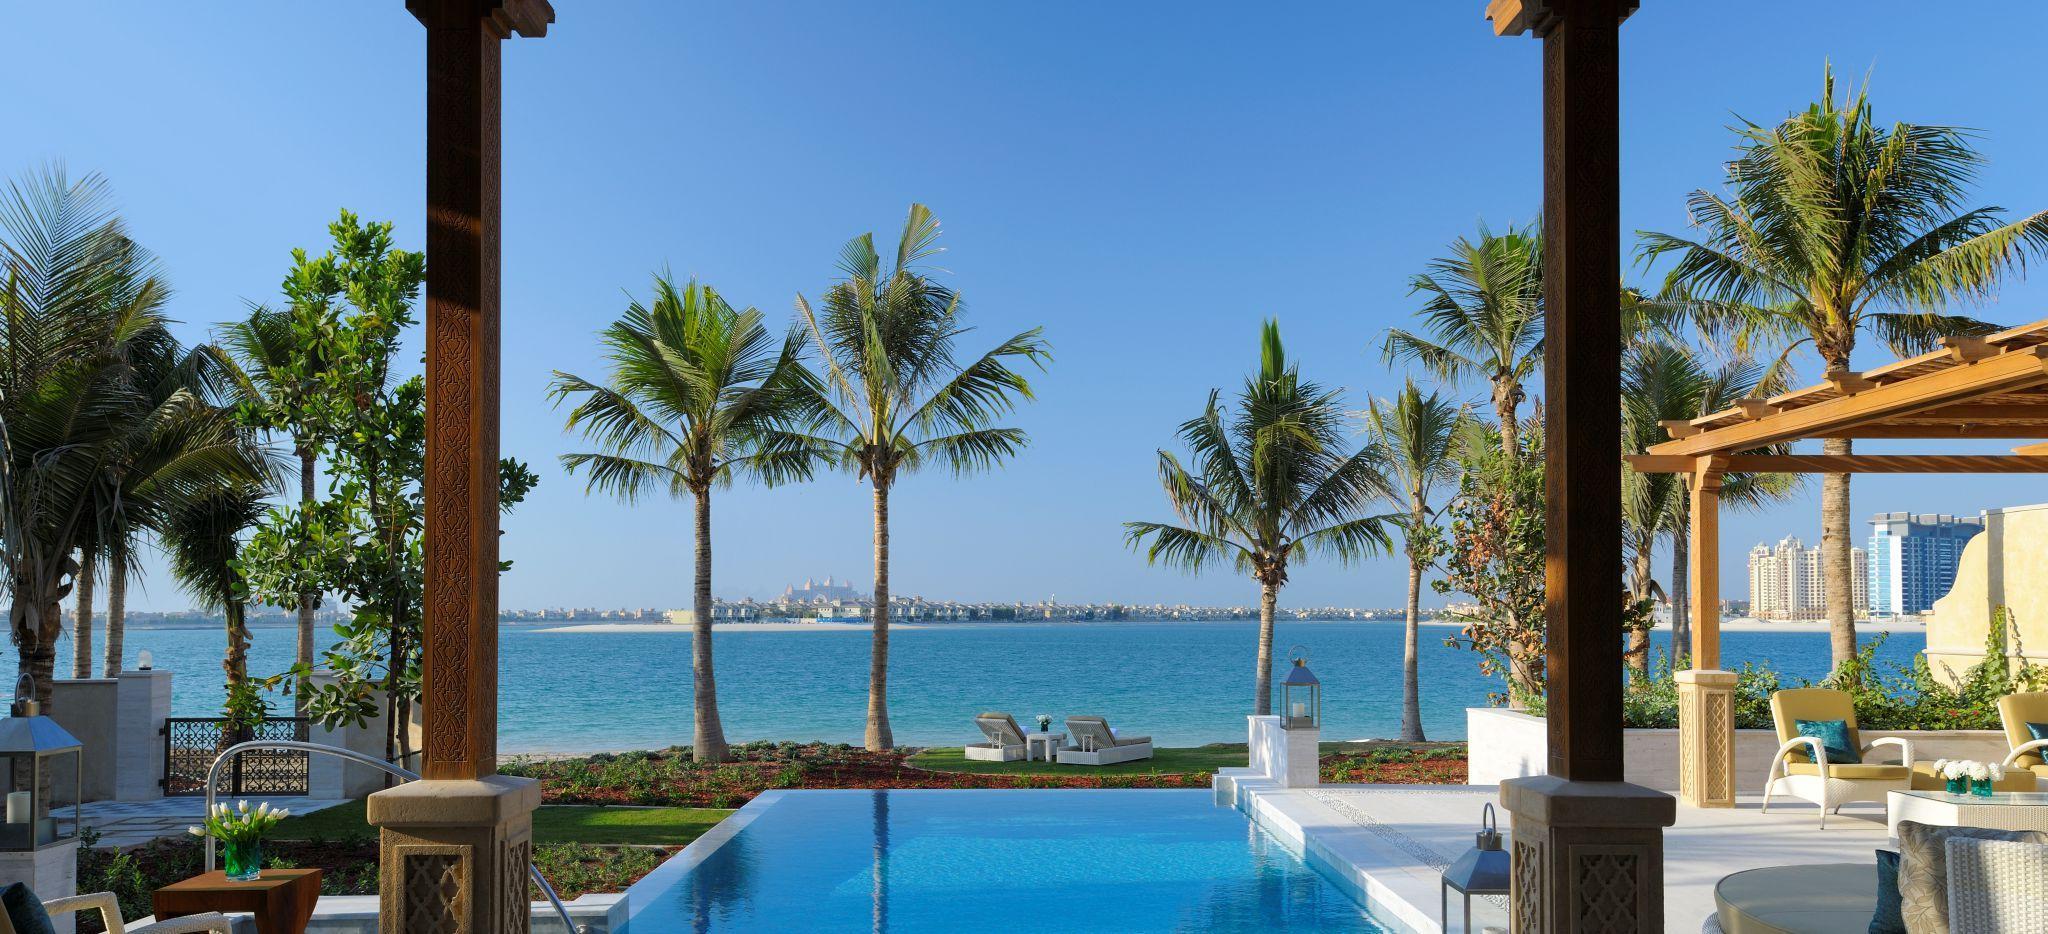 """Blick auf das Meer von der """"Pool Villa"""" aus. Blick über den Pool mit Palmen vor dem Strand"""